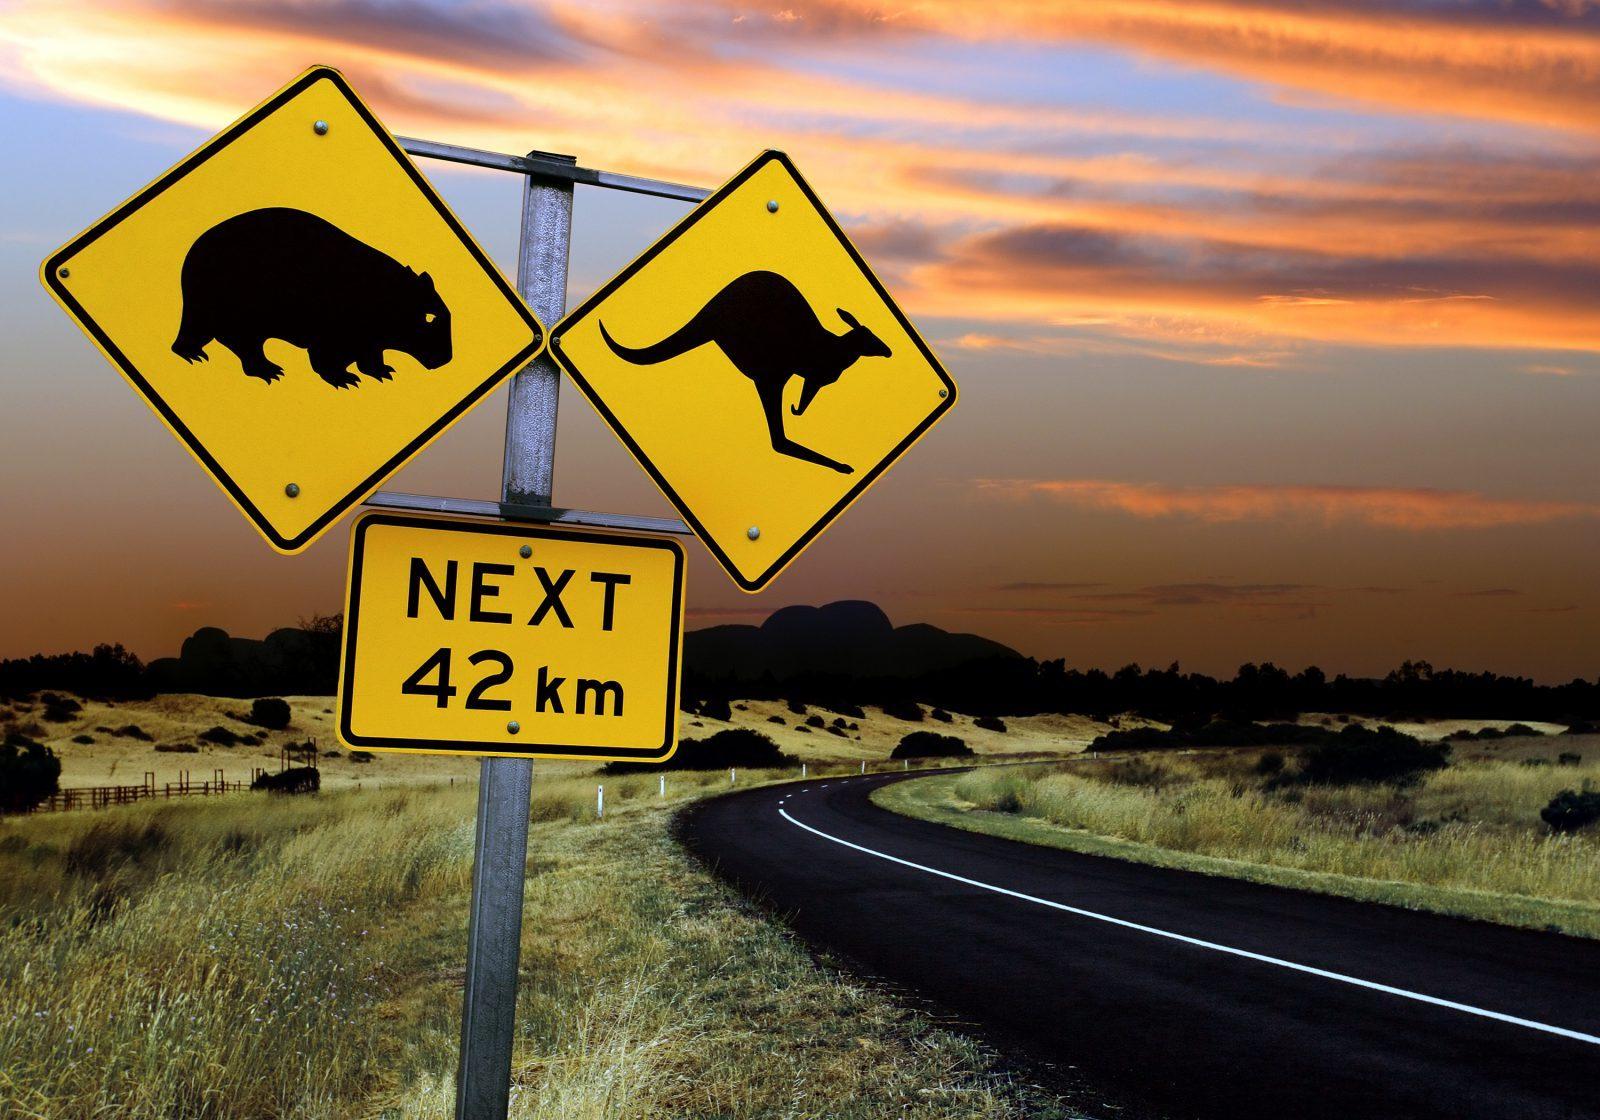 Studera utomlands i Australien, studera på AIT i Melbourne eller Sydney, plugga design, teknik, apputveckling, grafisk design, motion picture, animation, speldesign, studera i Australien, ta del av äventyret som lockar miljontals